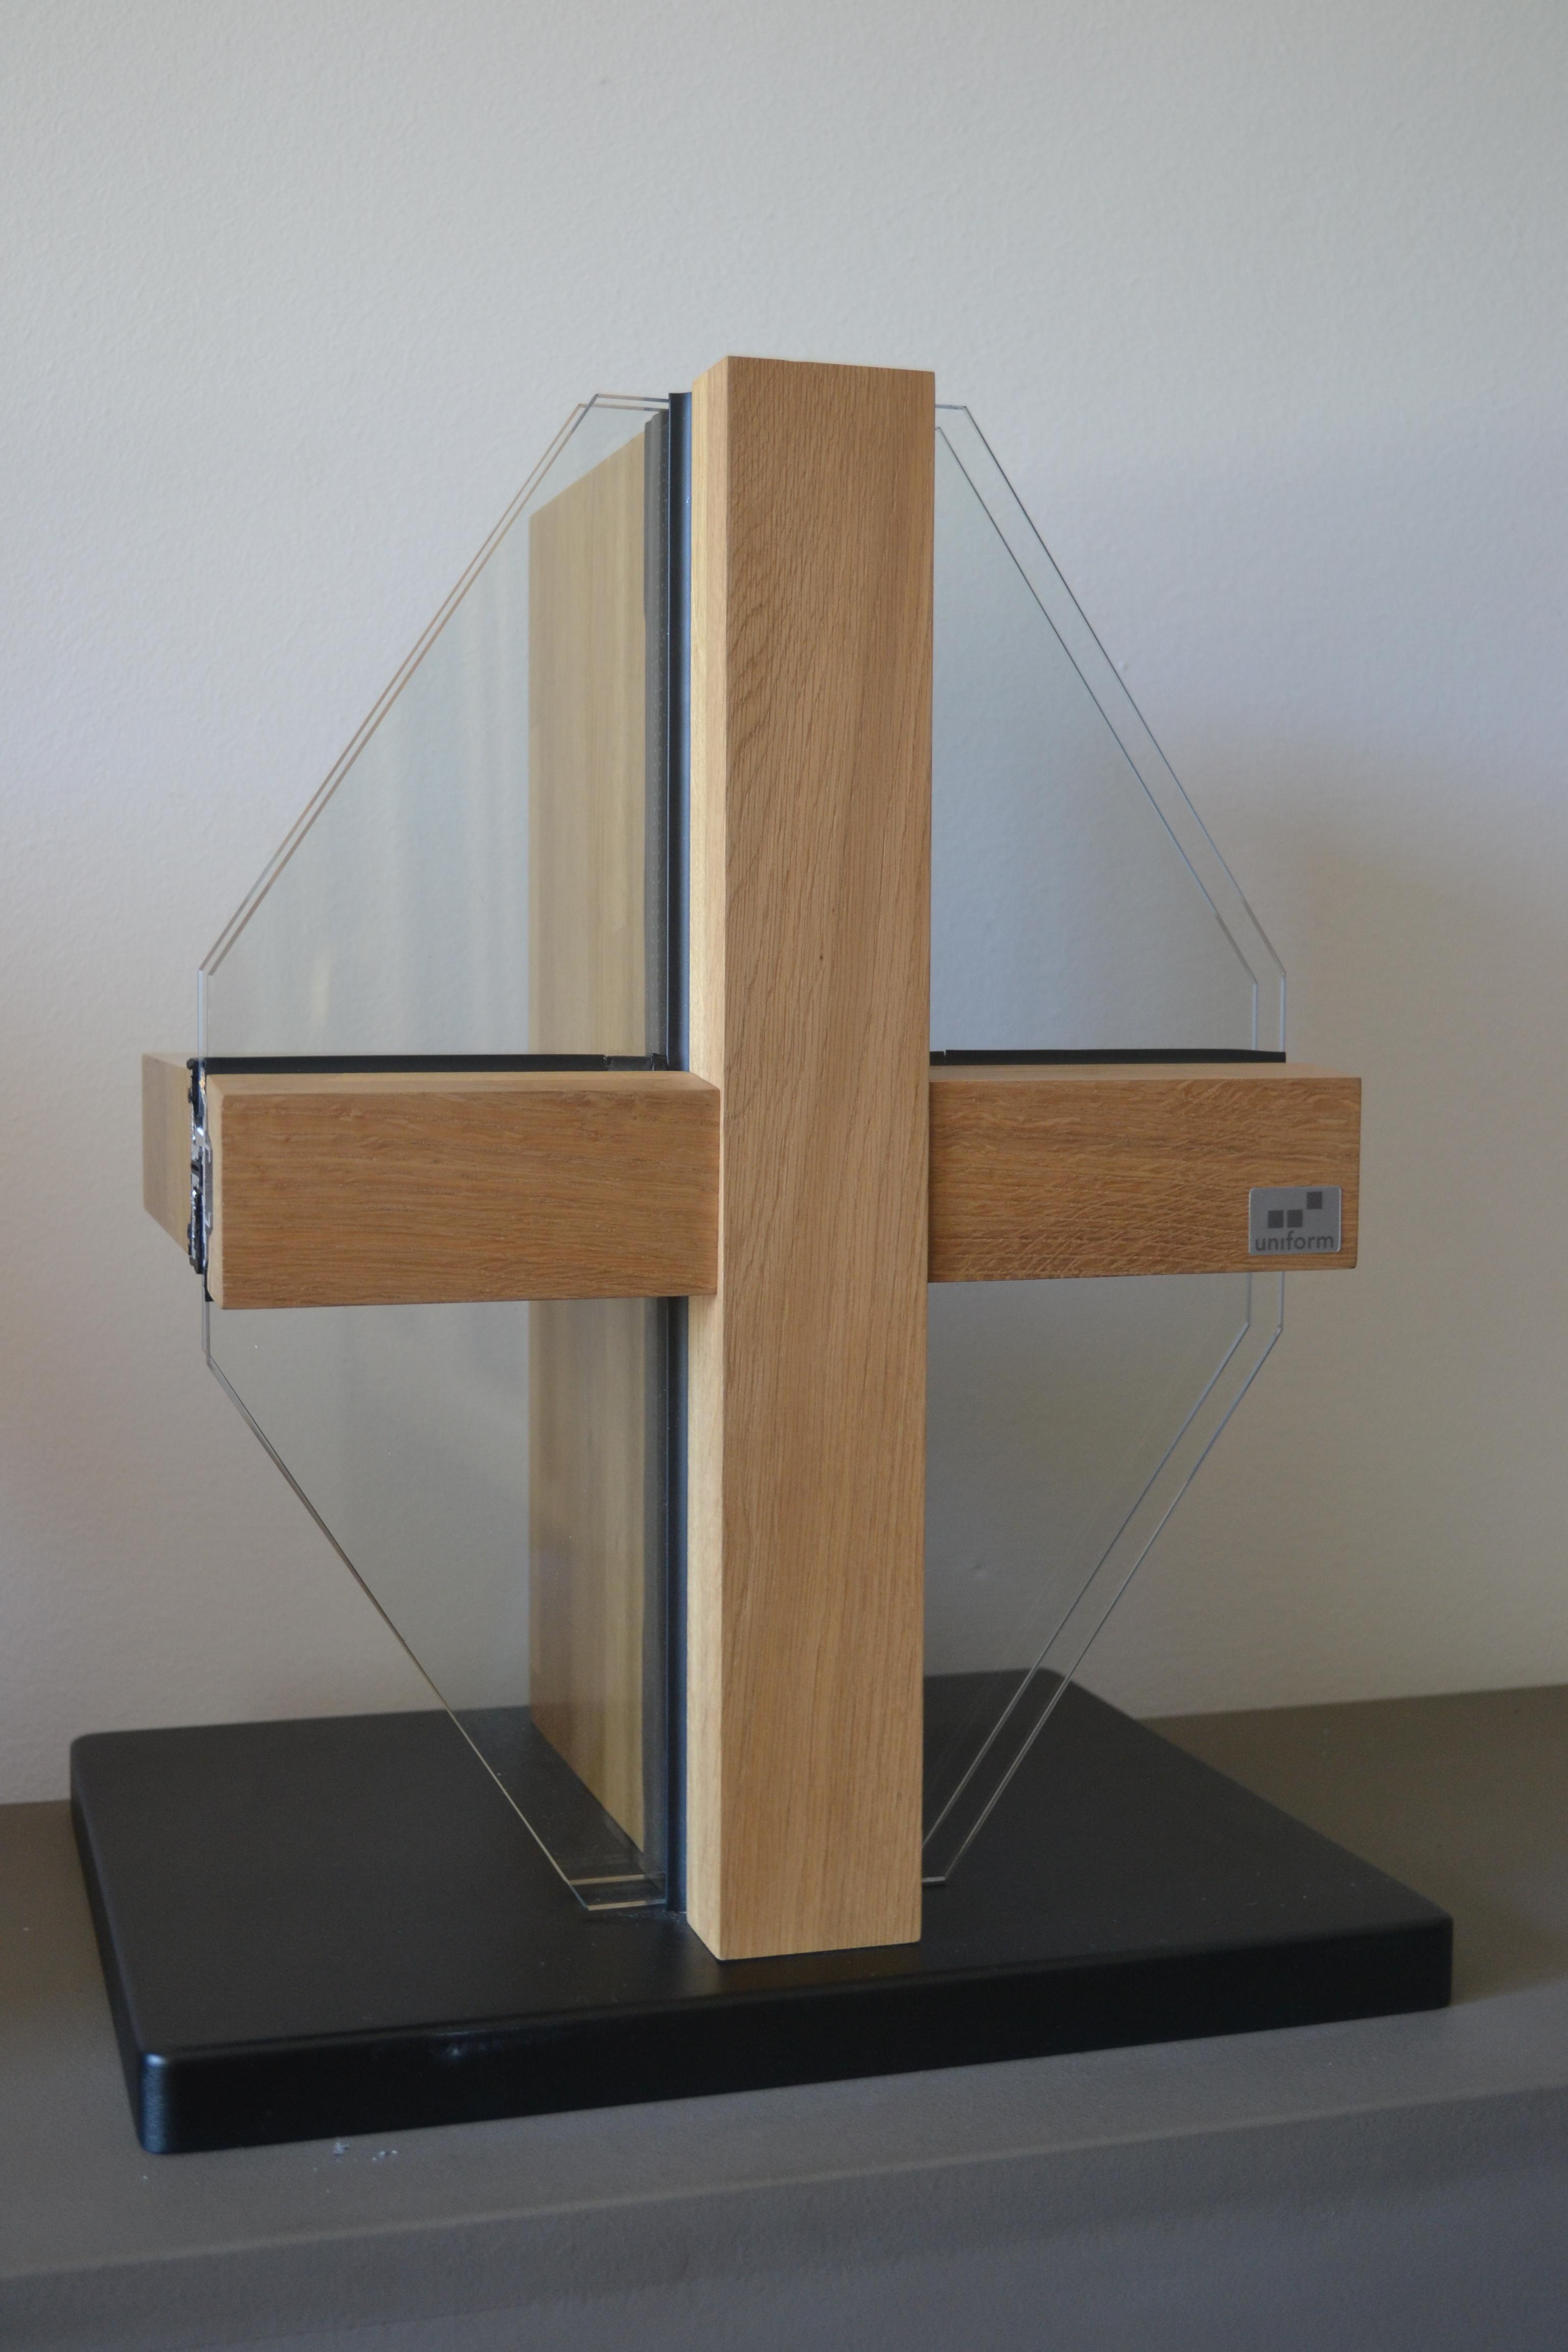 Pereti cortina lemn-aluminiu UNIFORM - Poza 1